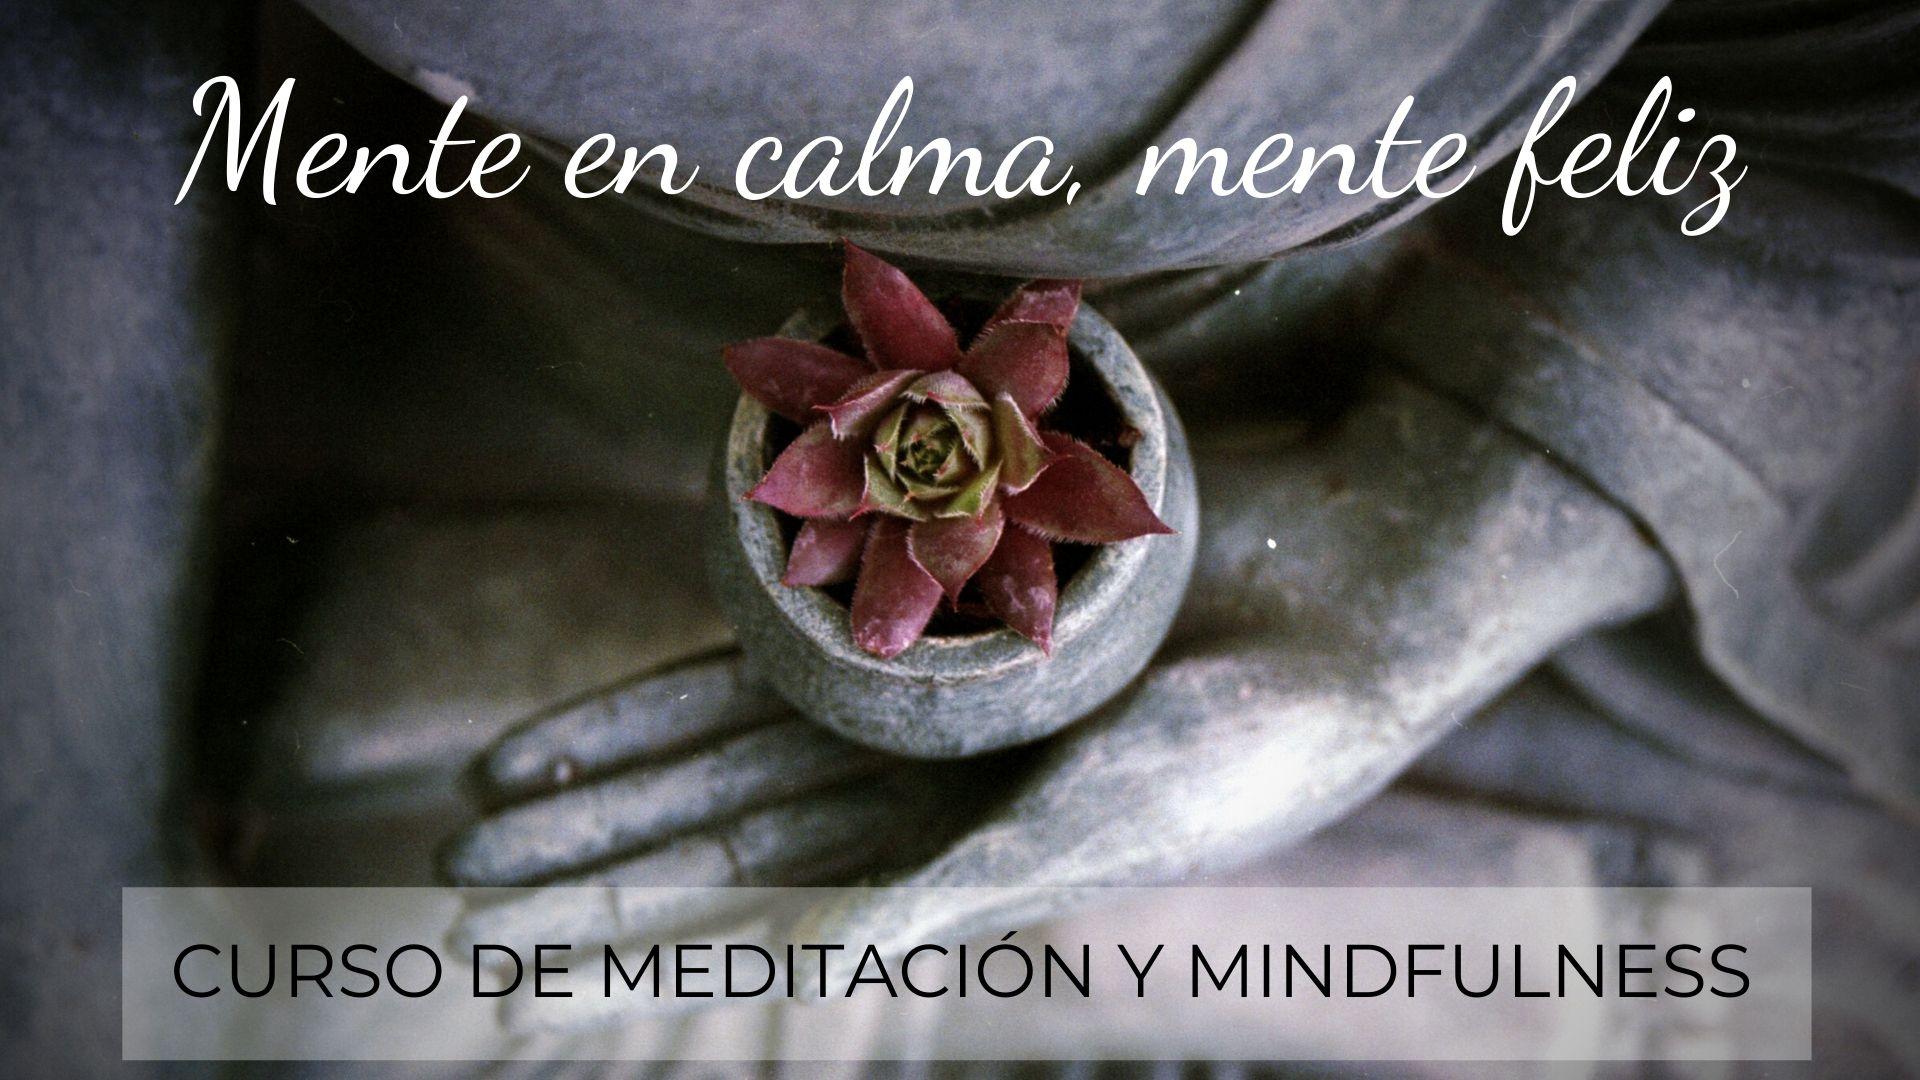 Mente en calma, mente feliz